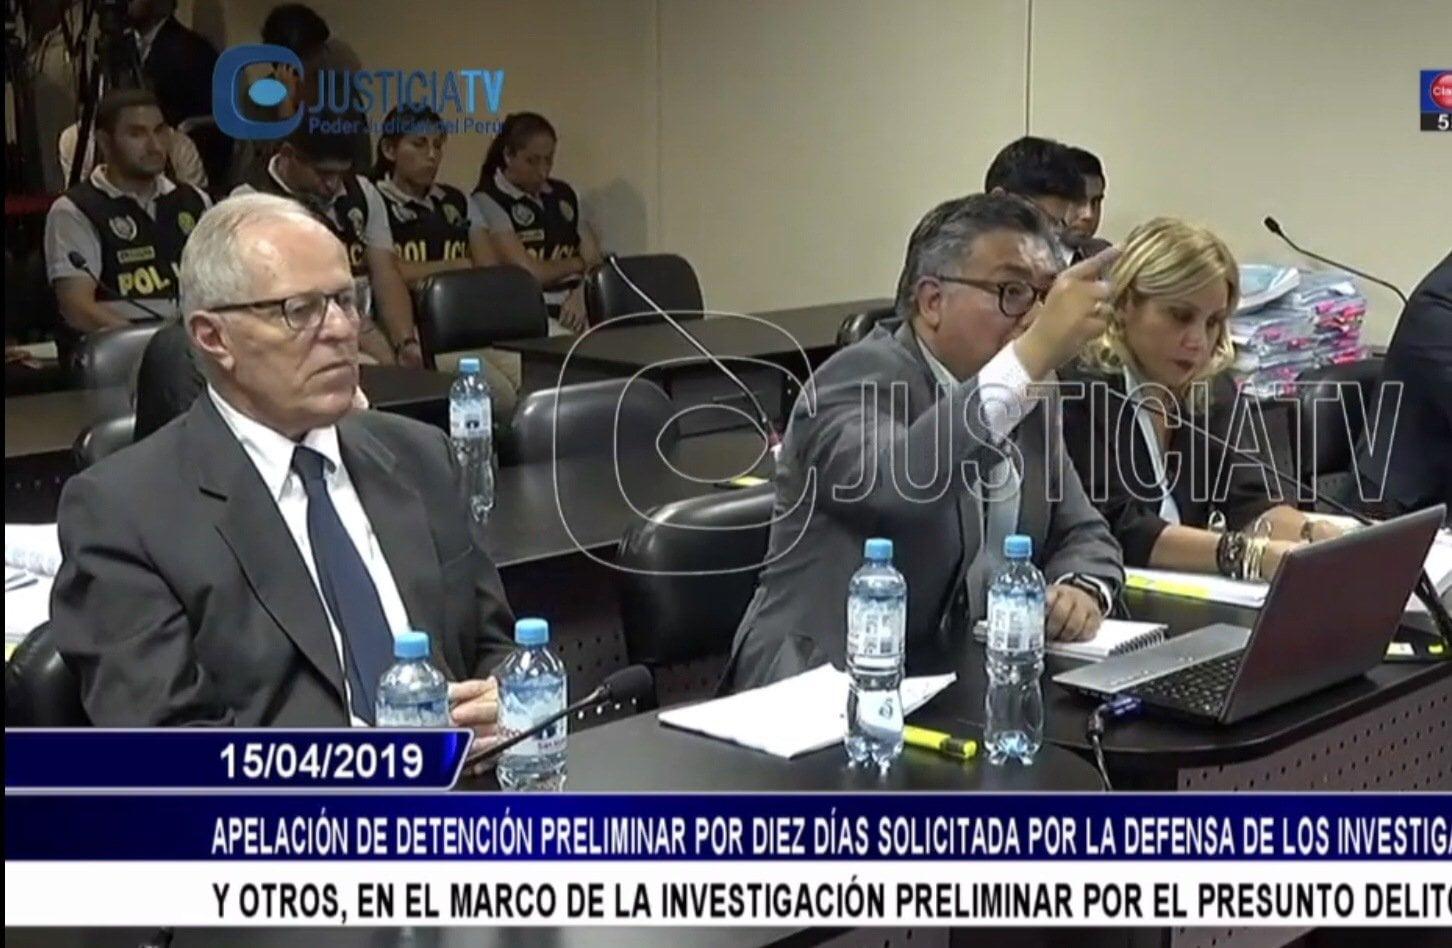 Fiscal pide prisión preventiva de 36 meses contra Pedro Pablo Kuczynski